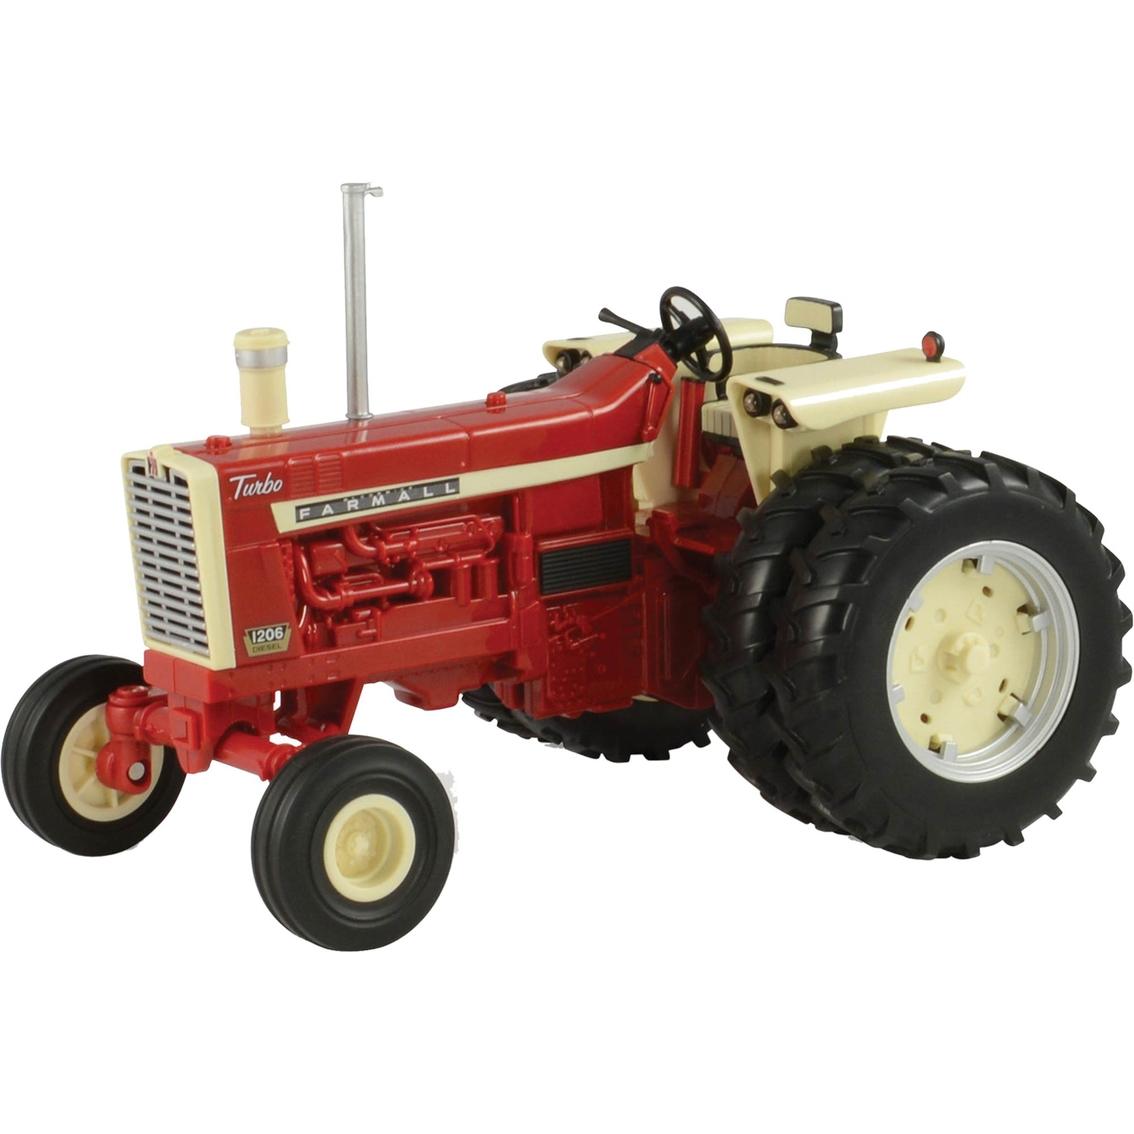 f4e6d44edd2 Case Ih Big Farm 1 16 Ih 1206 Wide Front Tractor